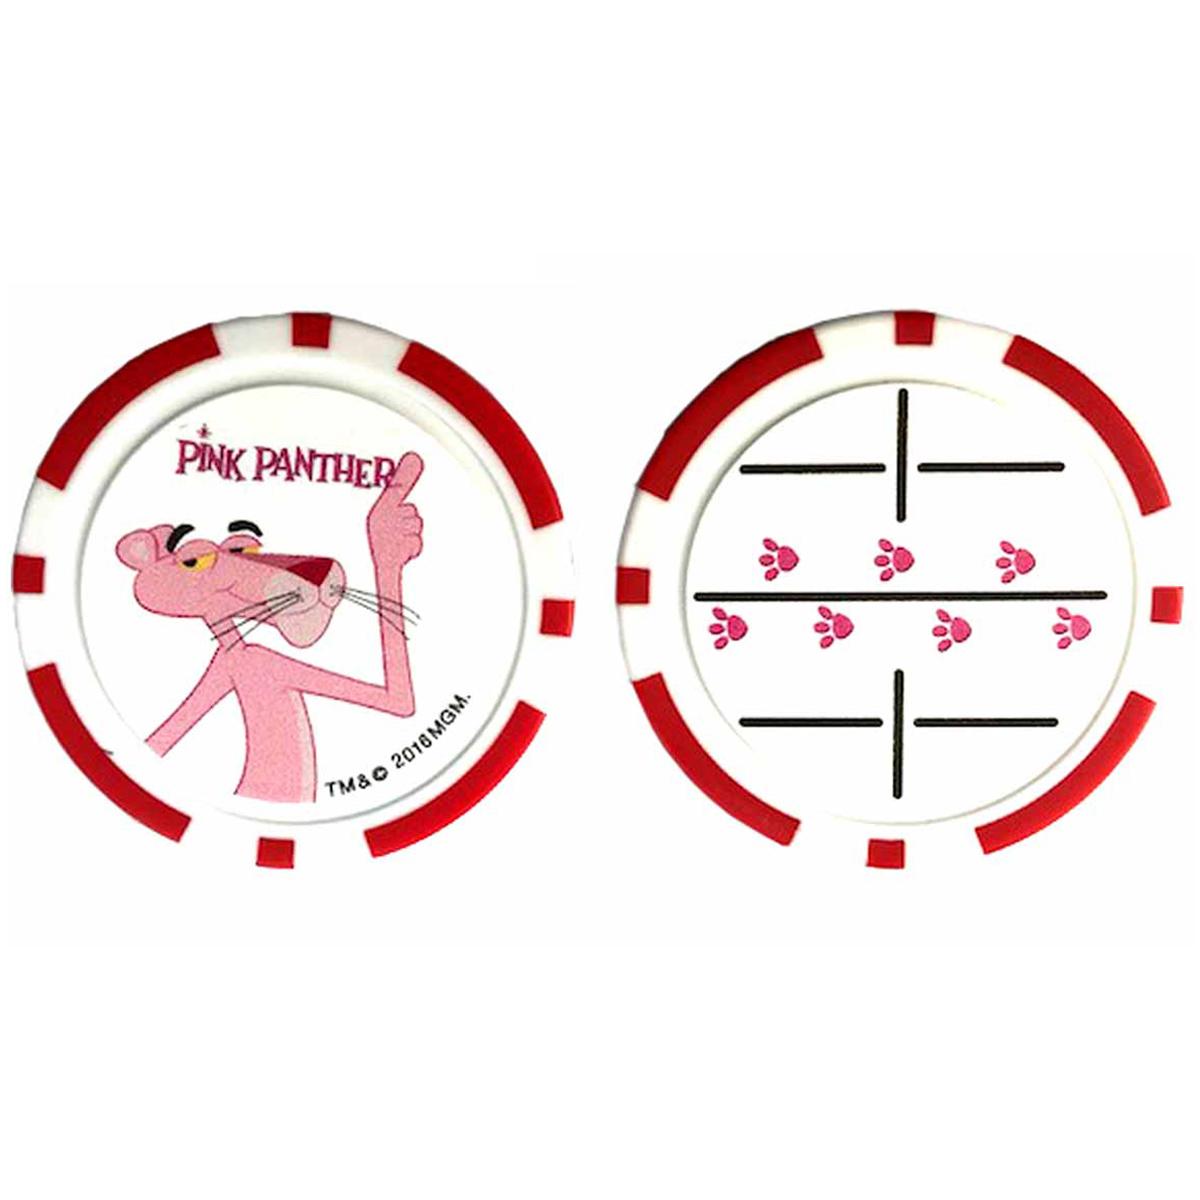 ピンクパンサー ゴルフチップマーカー